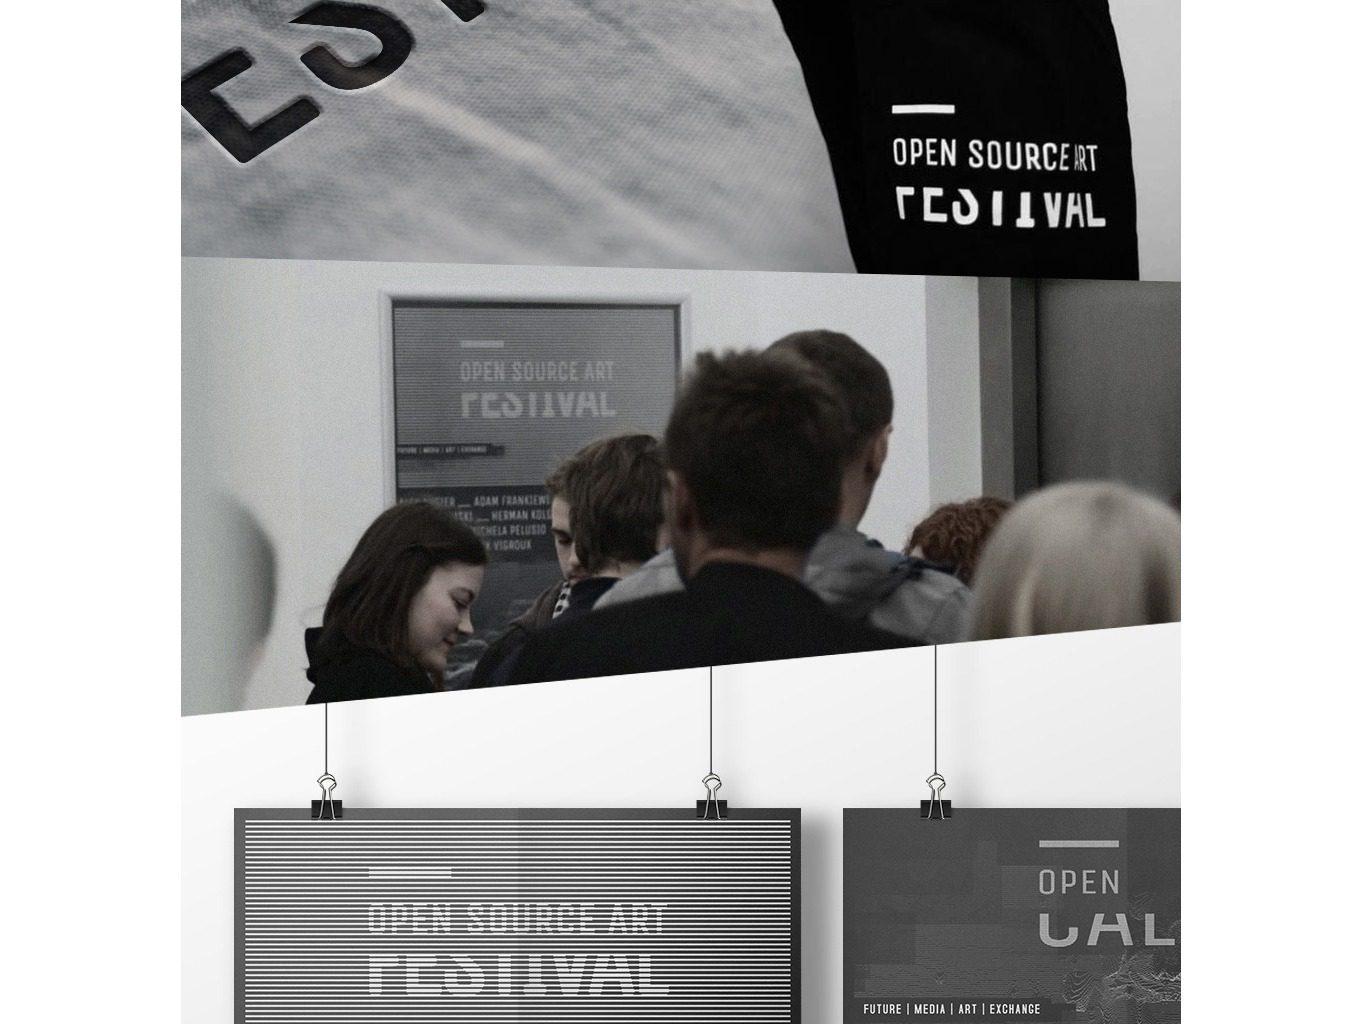 Open Source Art Festival 3